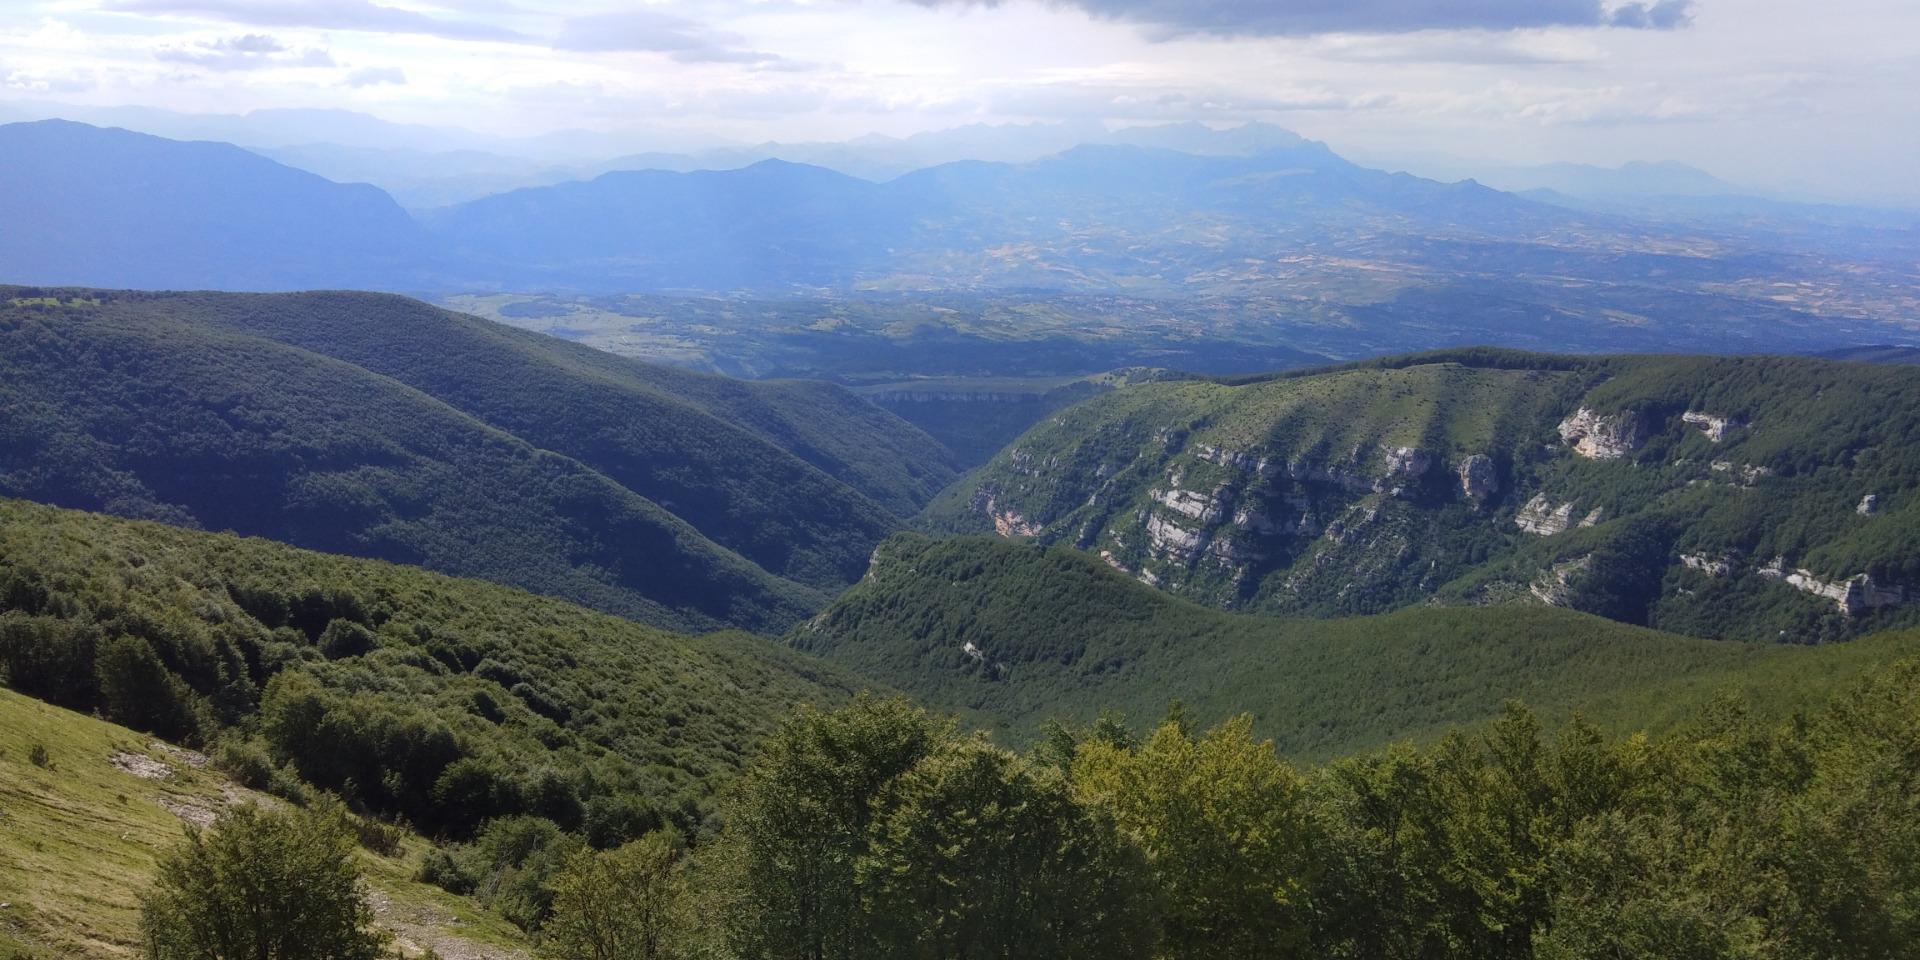 Vista panoramica sulla Majella con montagne verdi e vette coperte da nuvole all'orizzonte